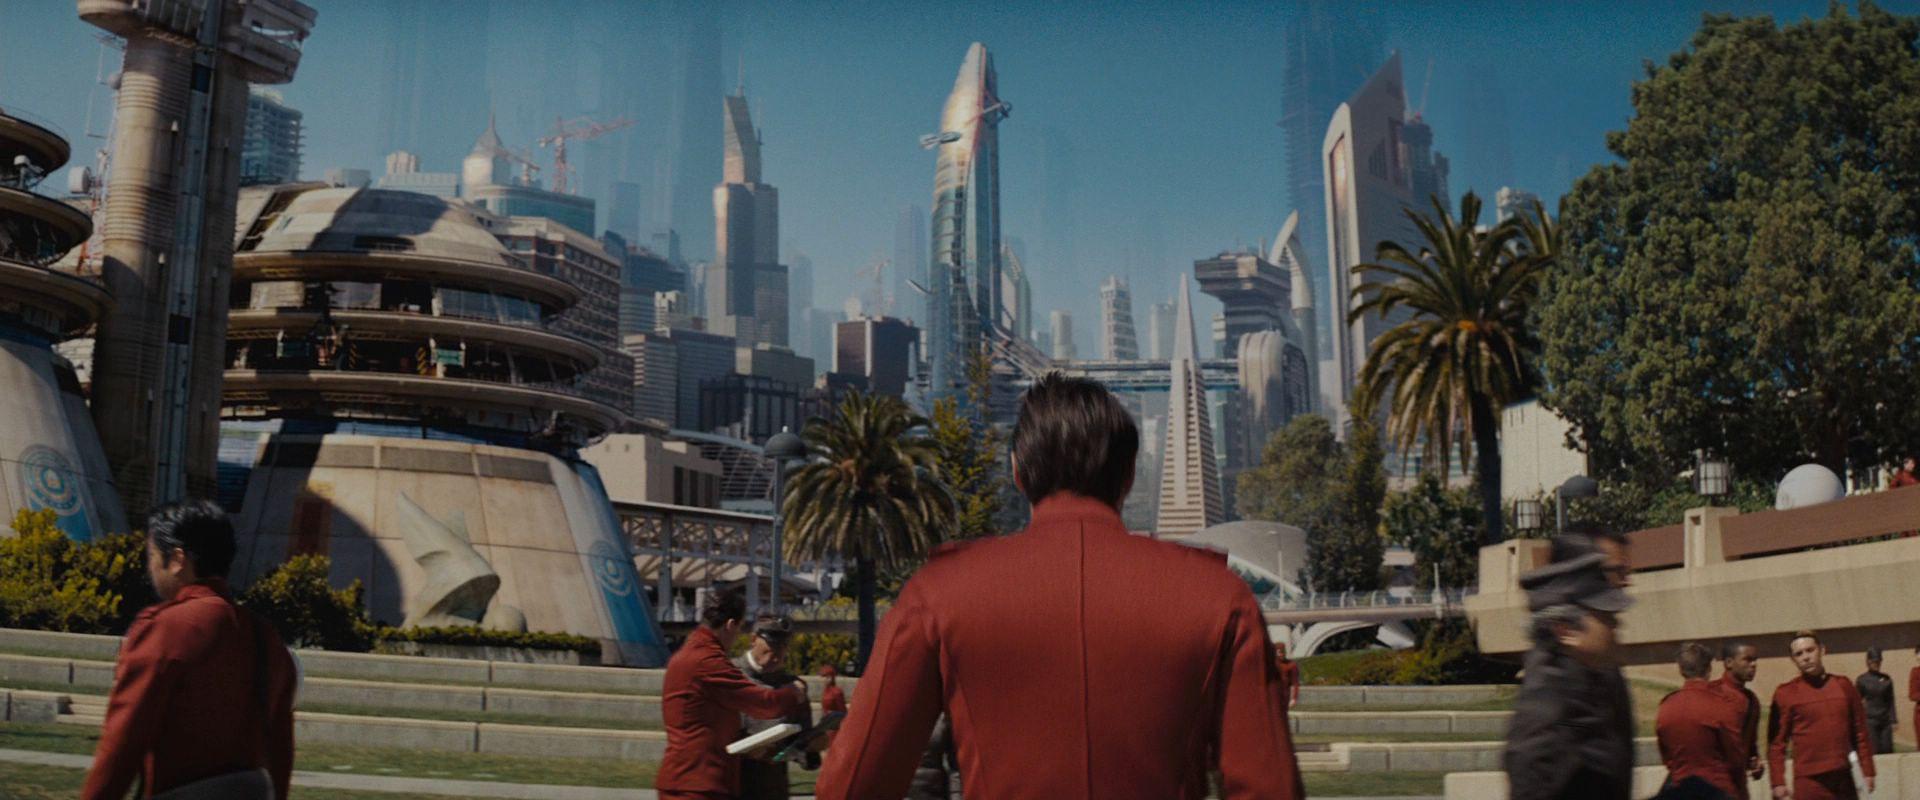 Starfleet Academy (Earth)